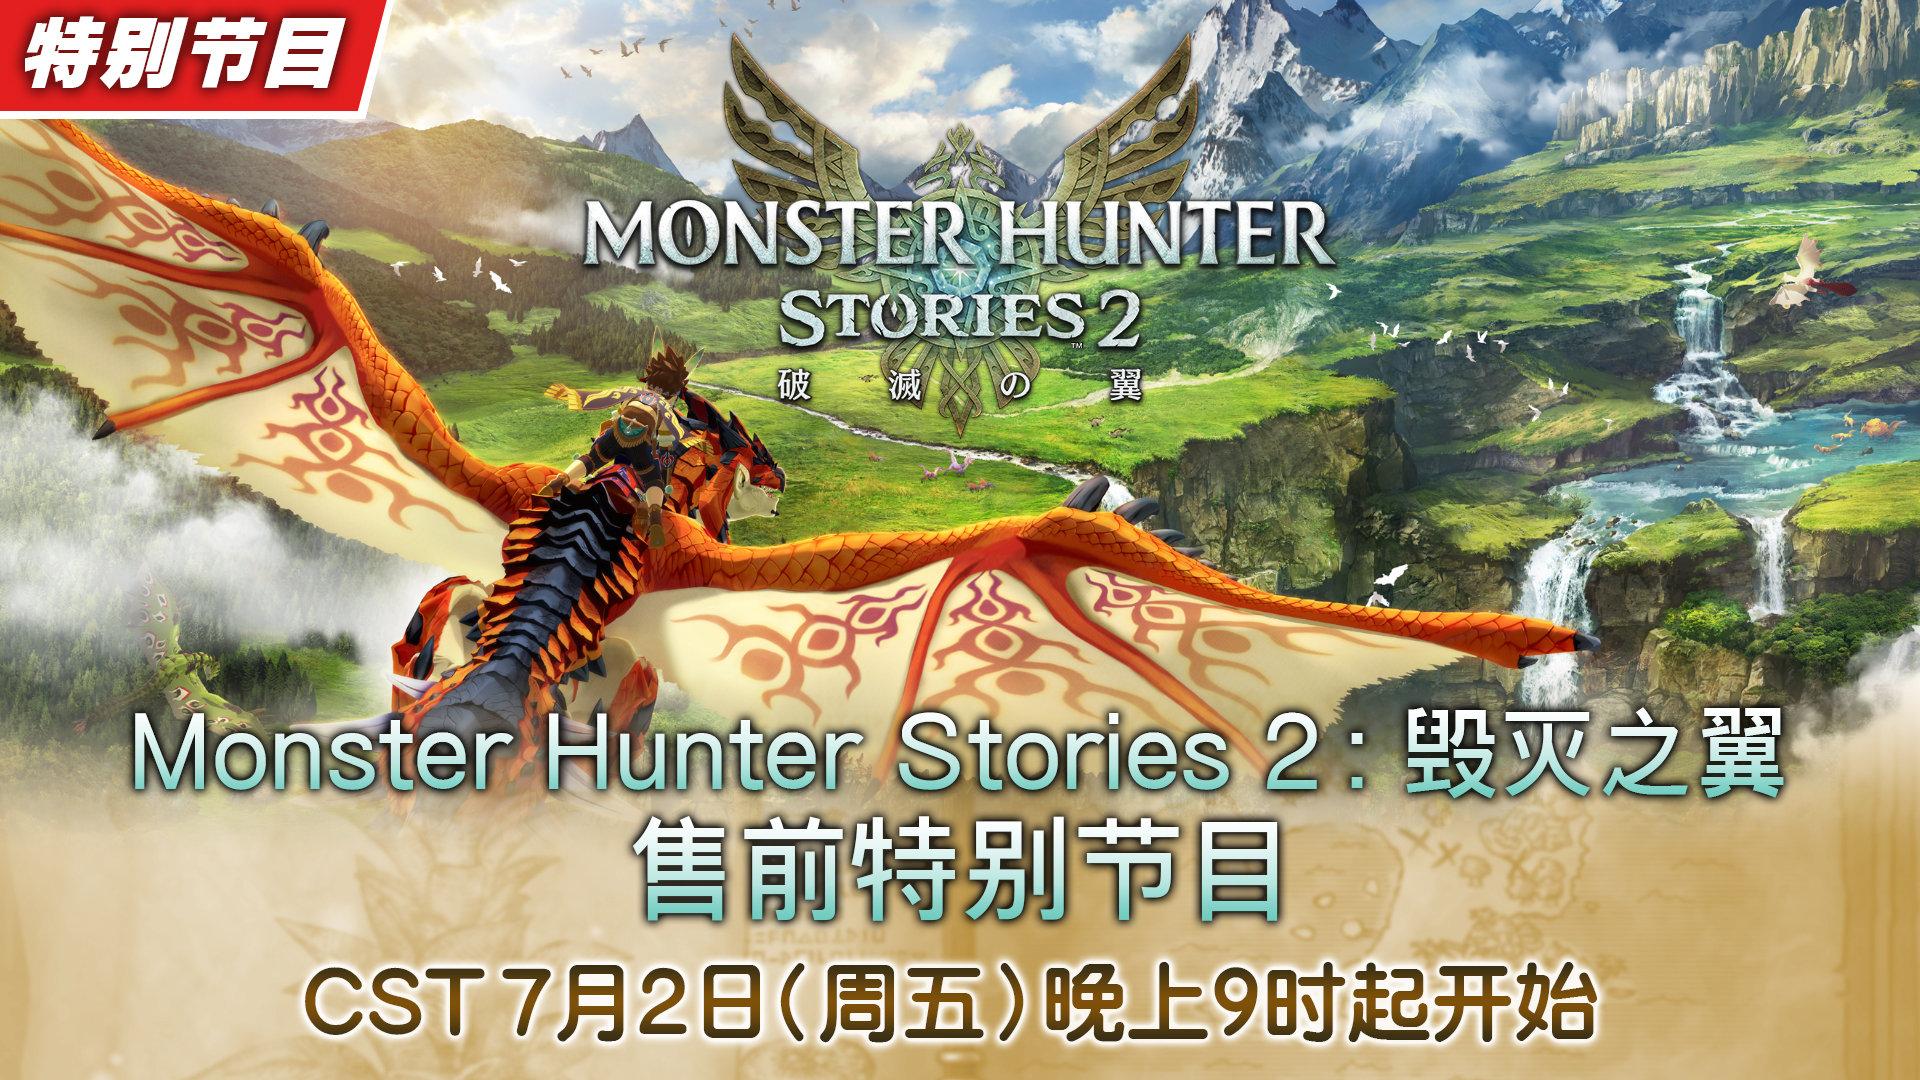 《怪物猎人物语2:毁灭之翼》售后更新计划公开